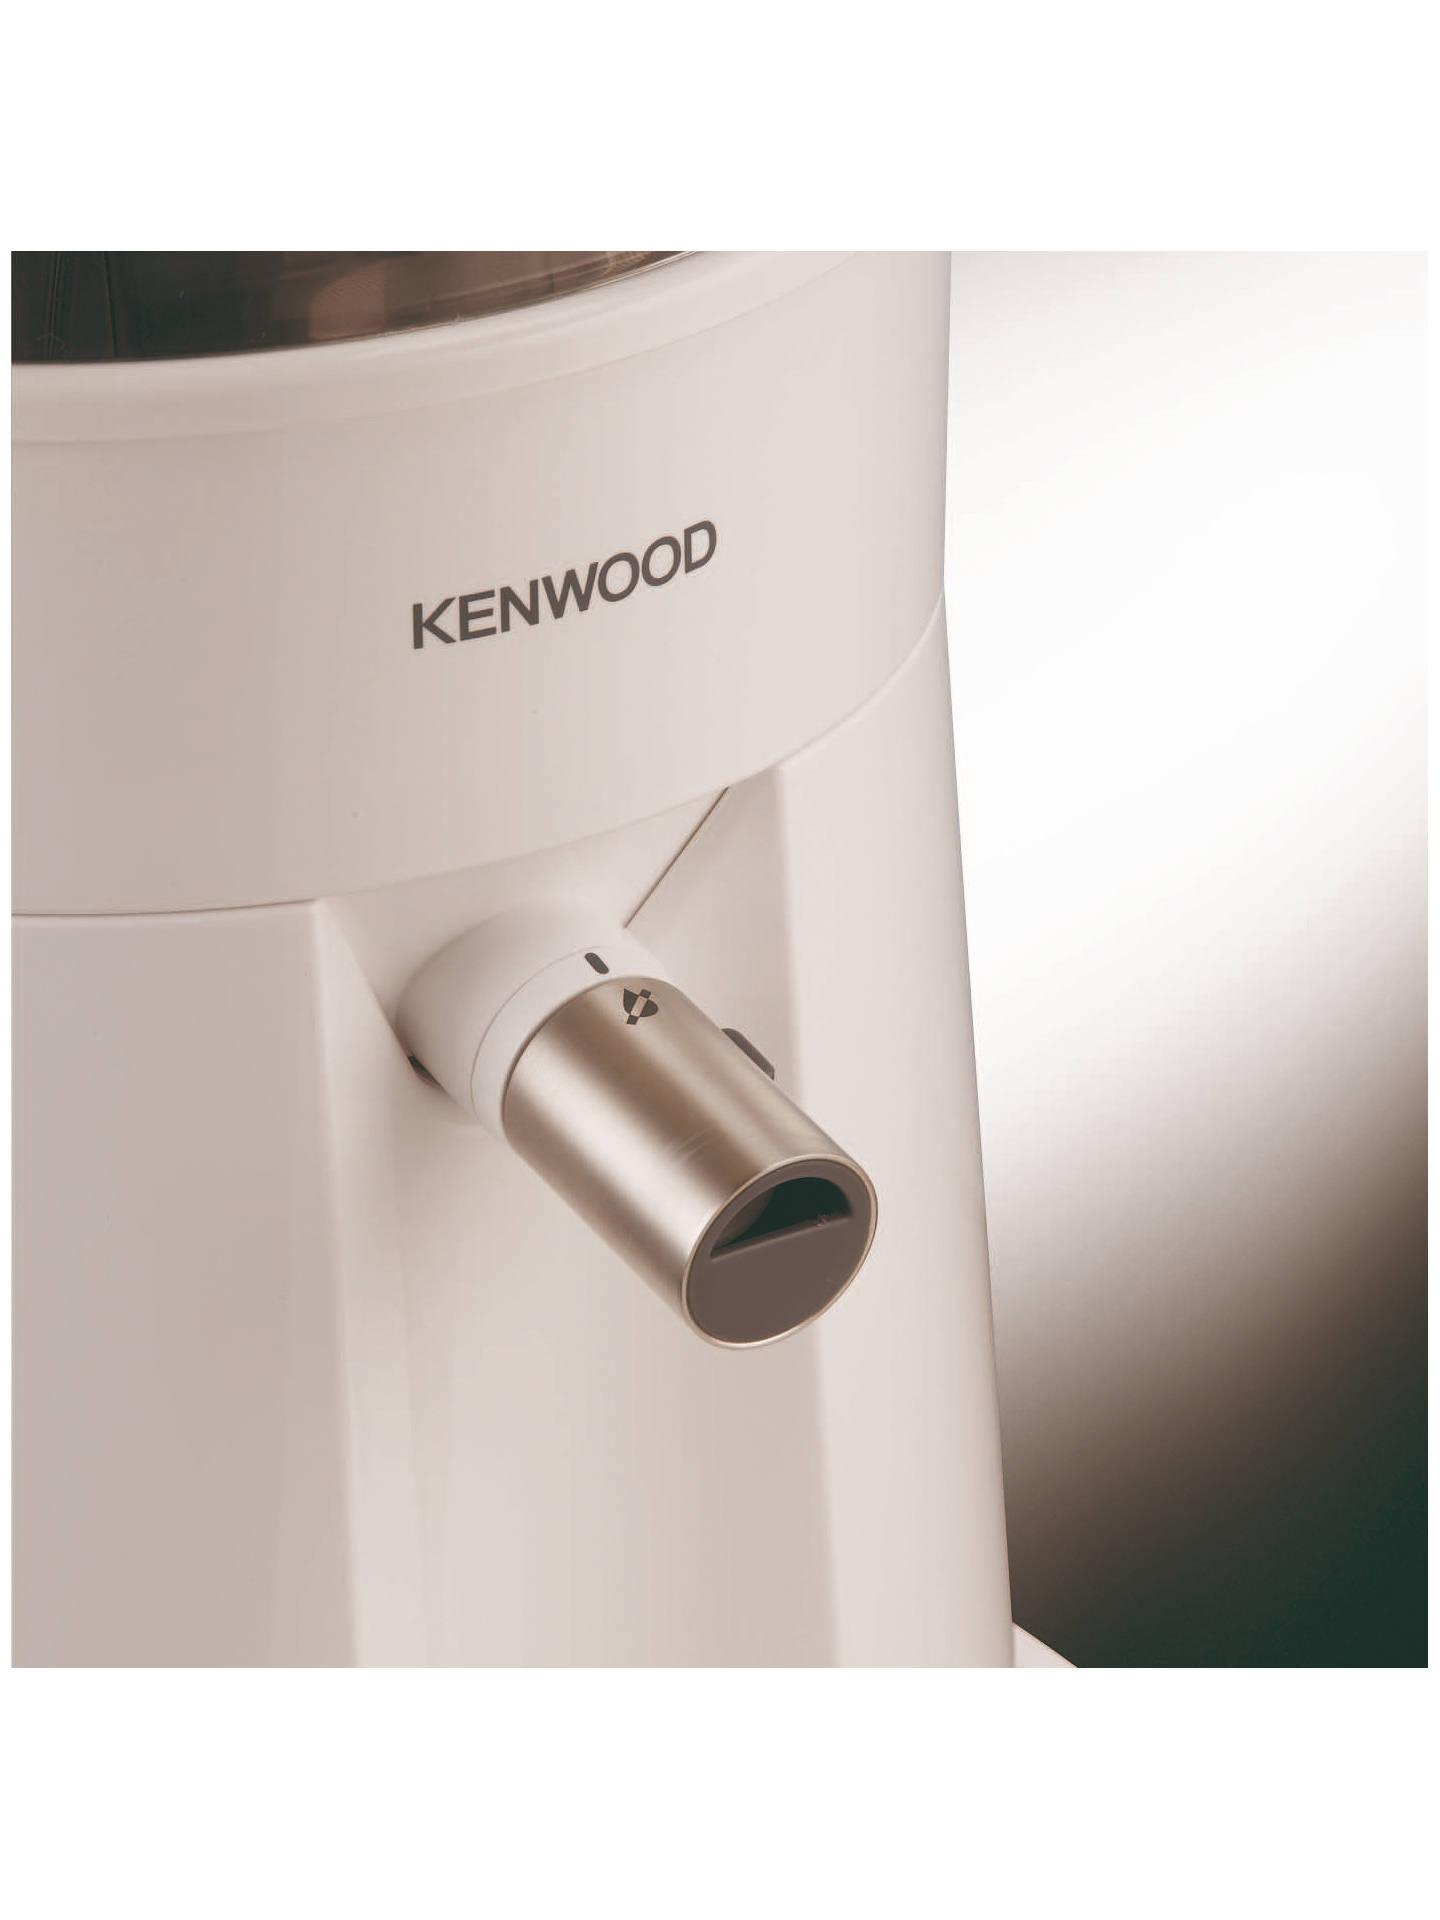 Kenwood JE720 Juicer, White at John